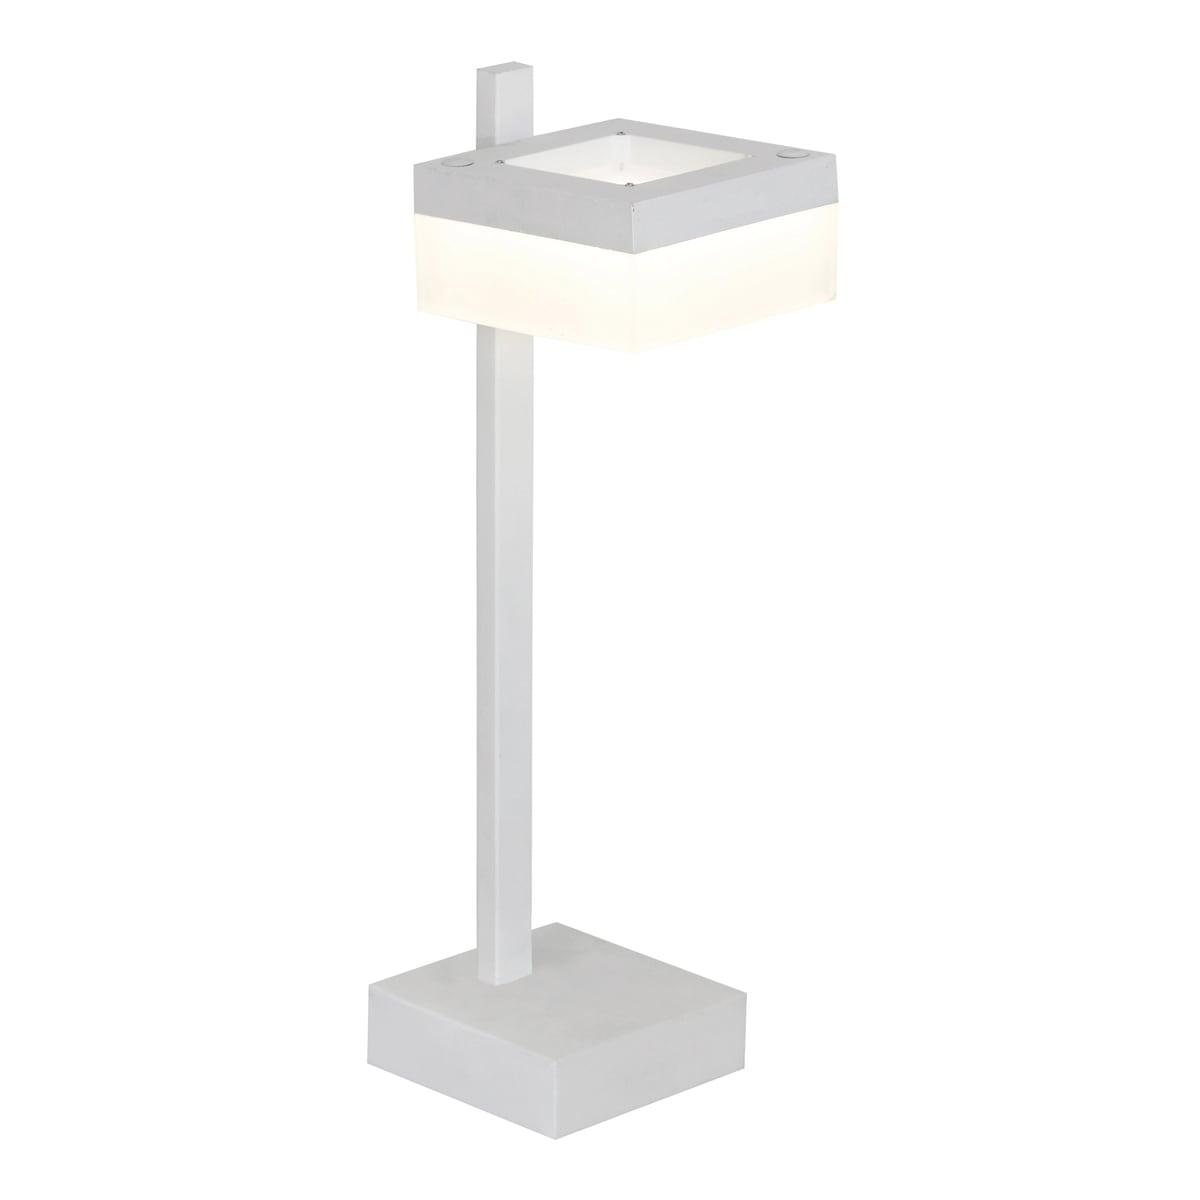 Schreibtischlampe Milagro CUBO 159 Sandweiß 12W